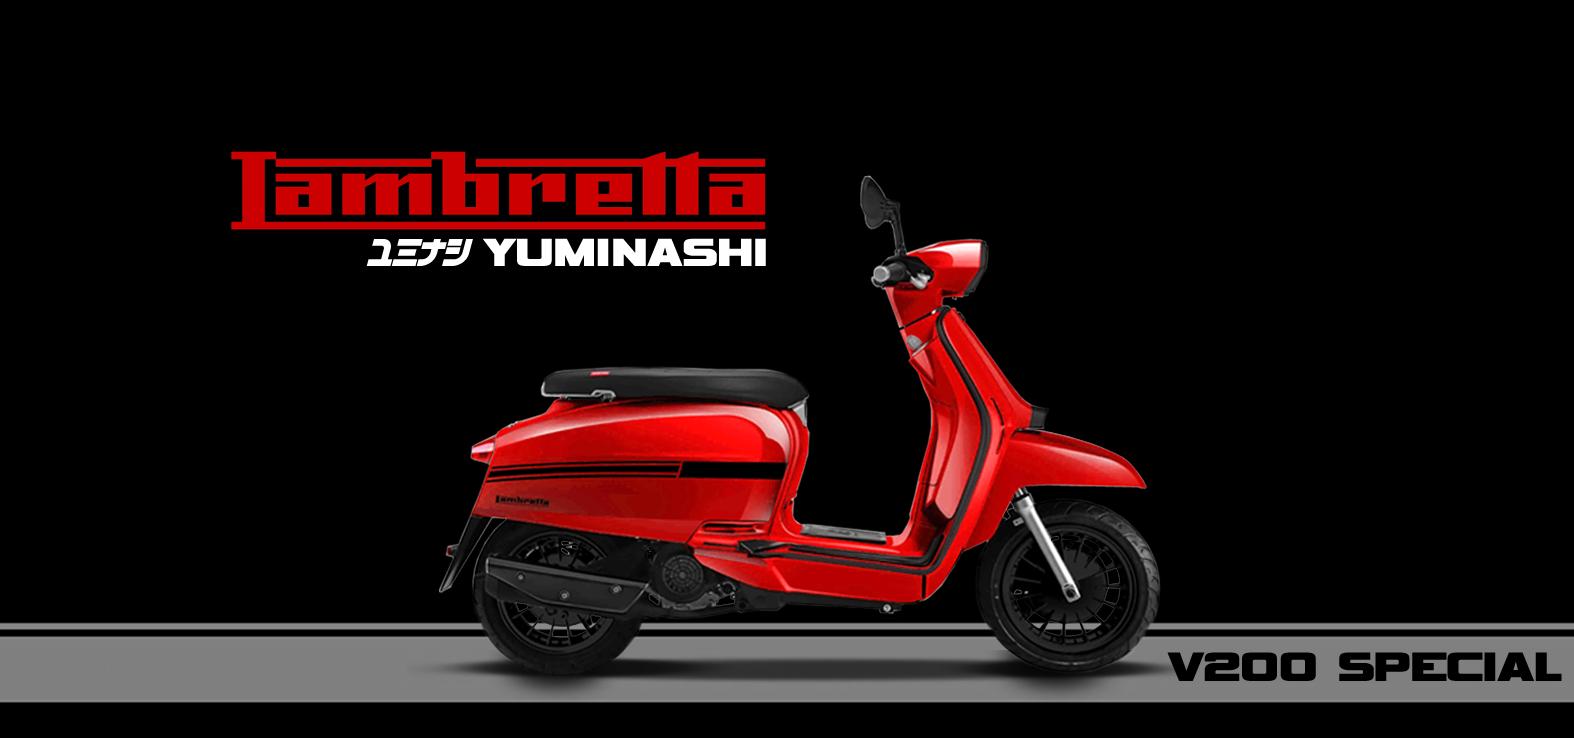 v200-lambretta-yuminashi-p01.png